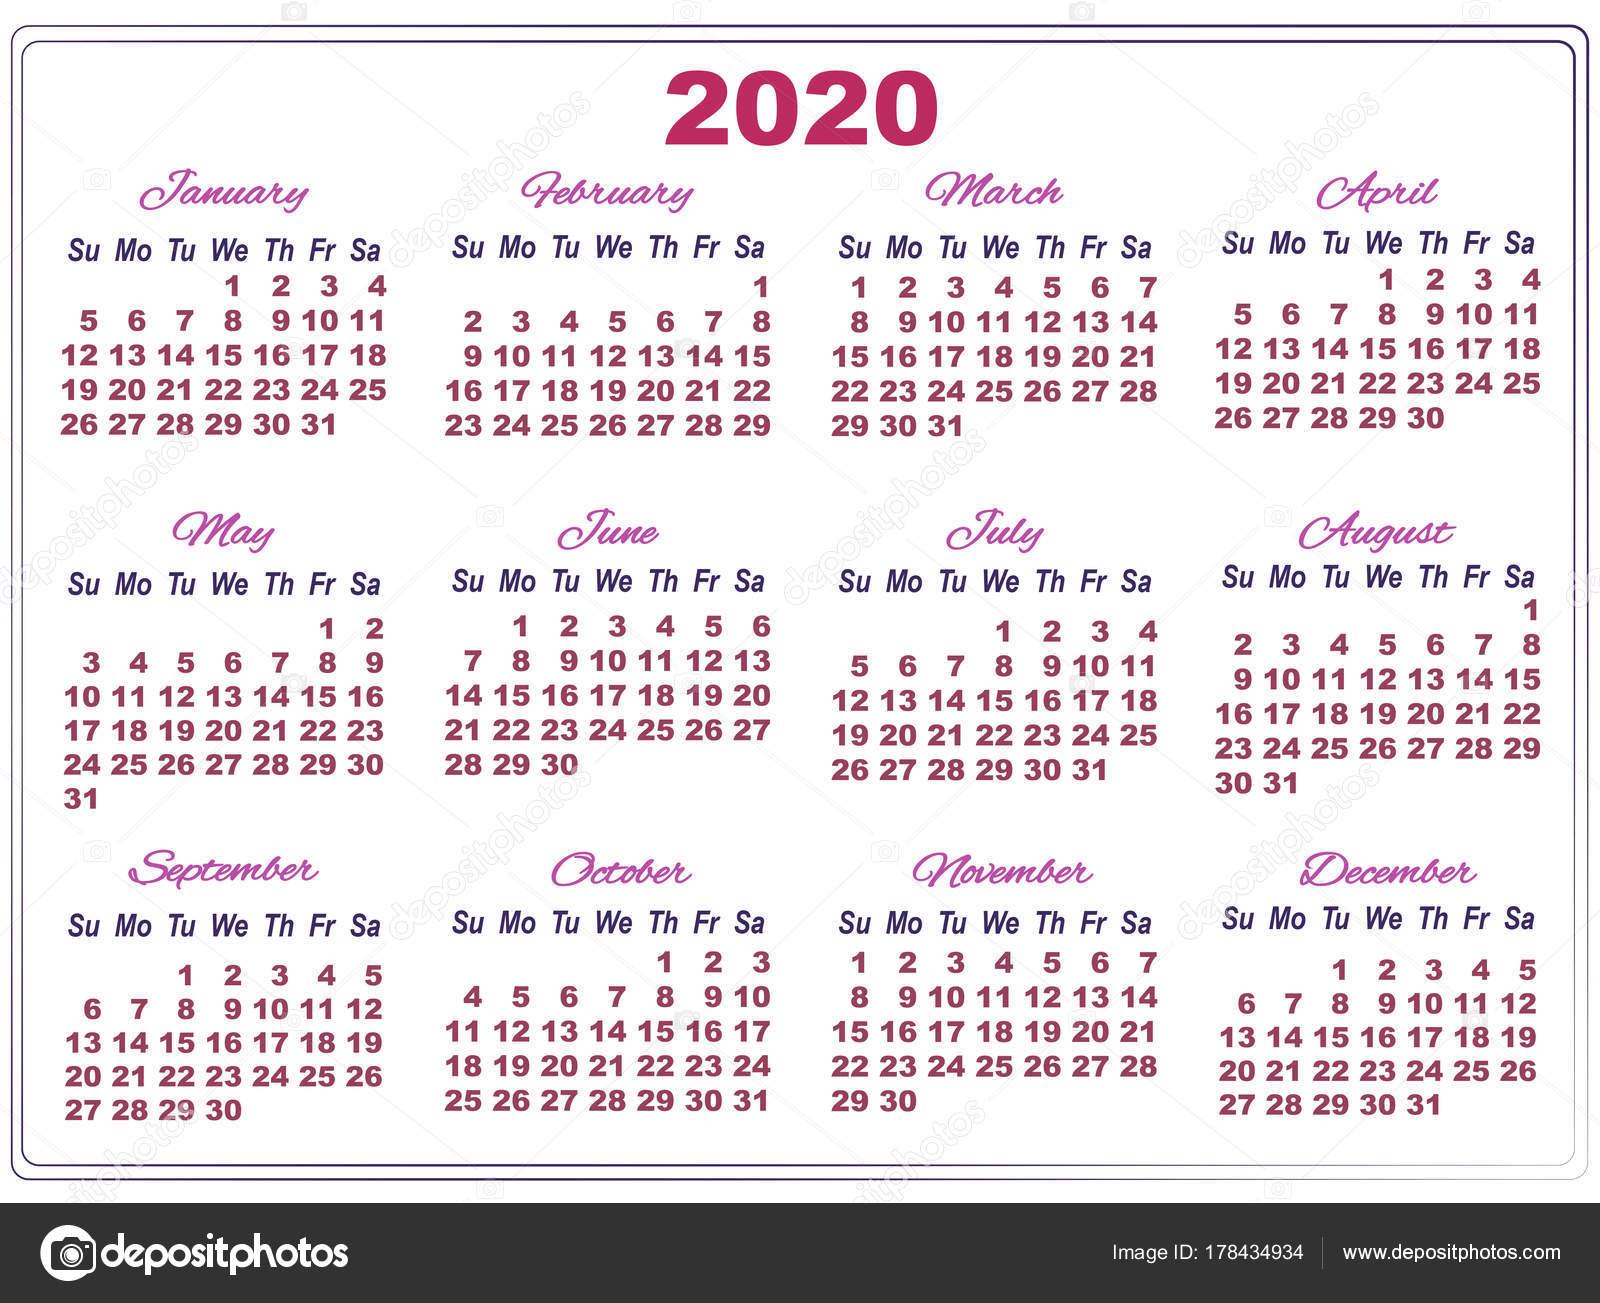 Calendario Del Ano 2020 En Espanol.Imagenes Calendarios Con Numeros Grandes 2020 Calendario